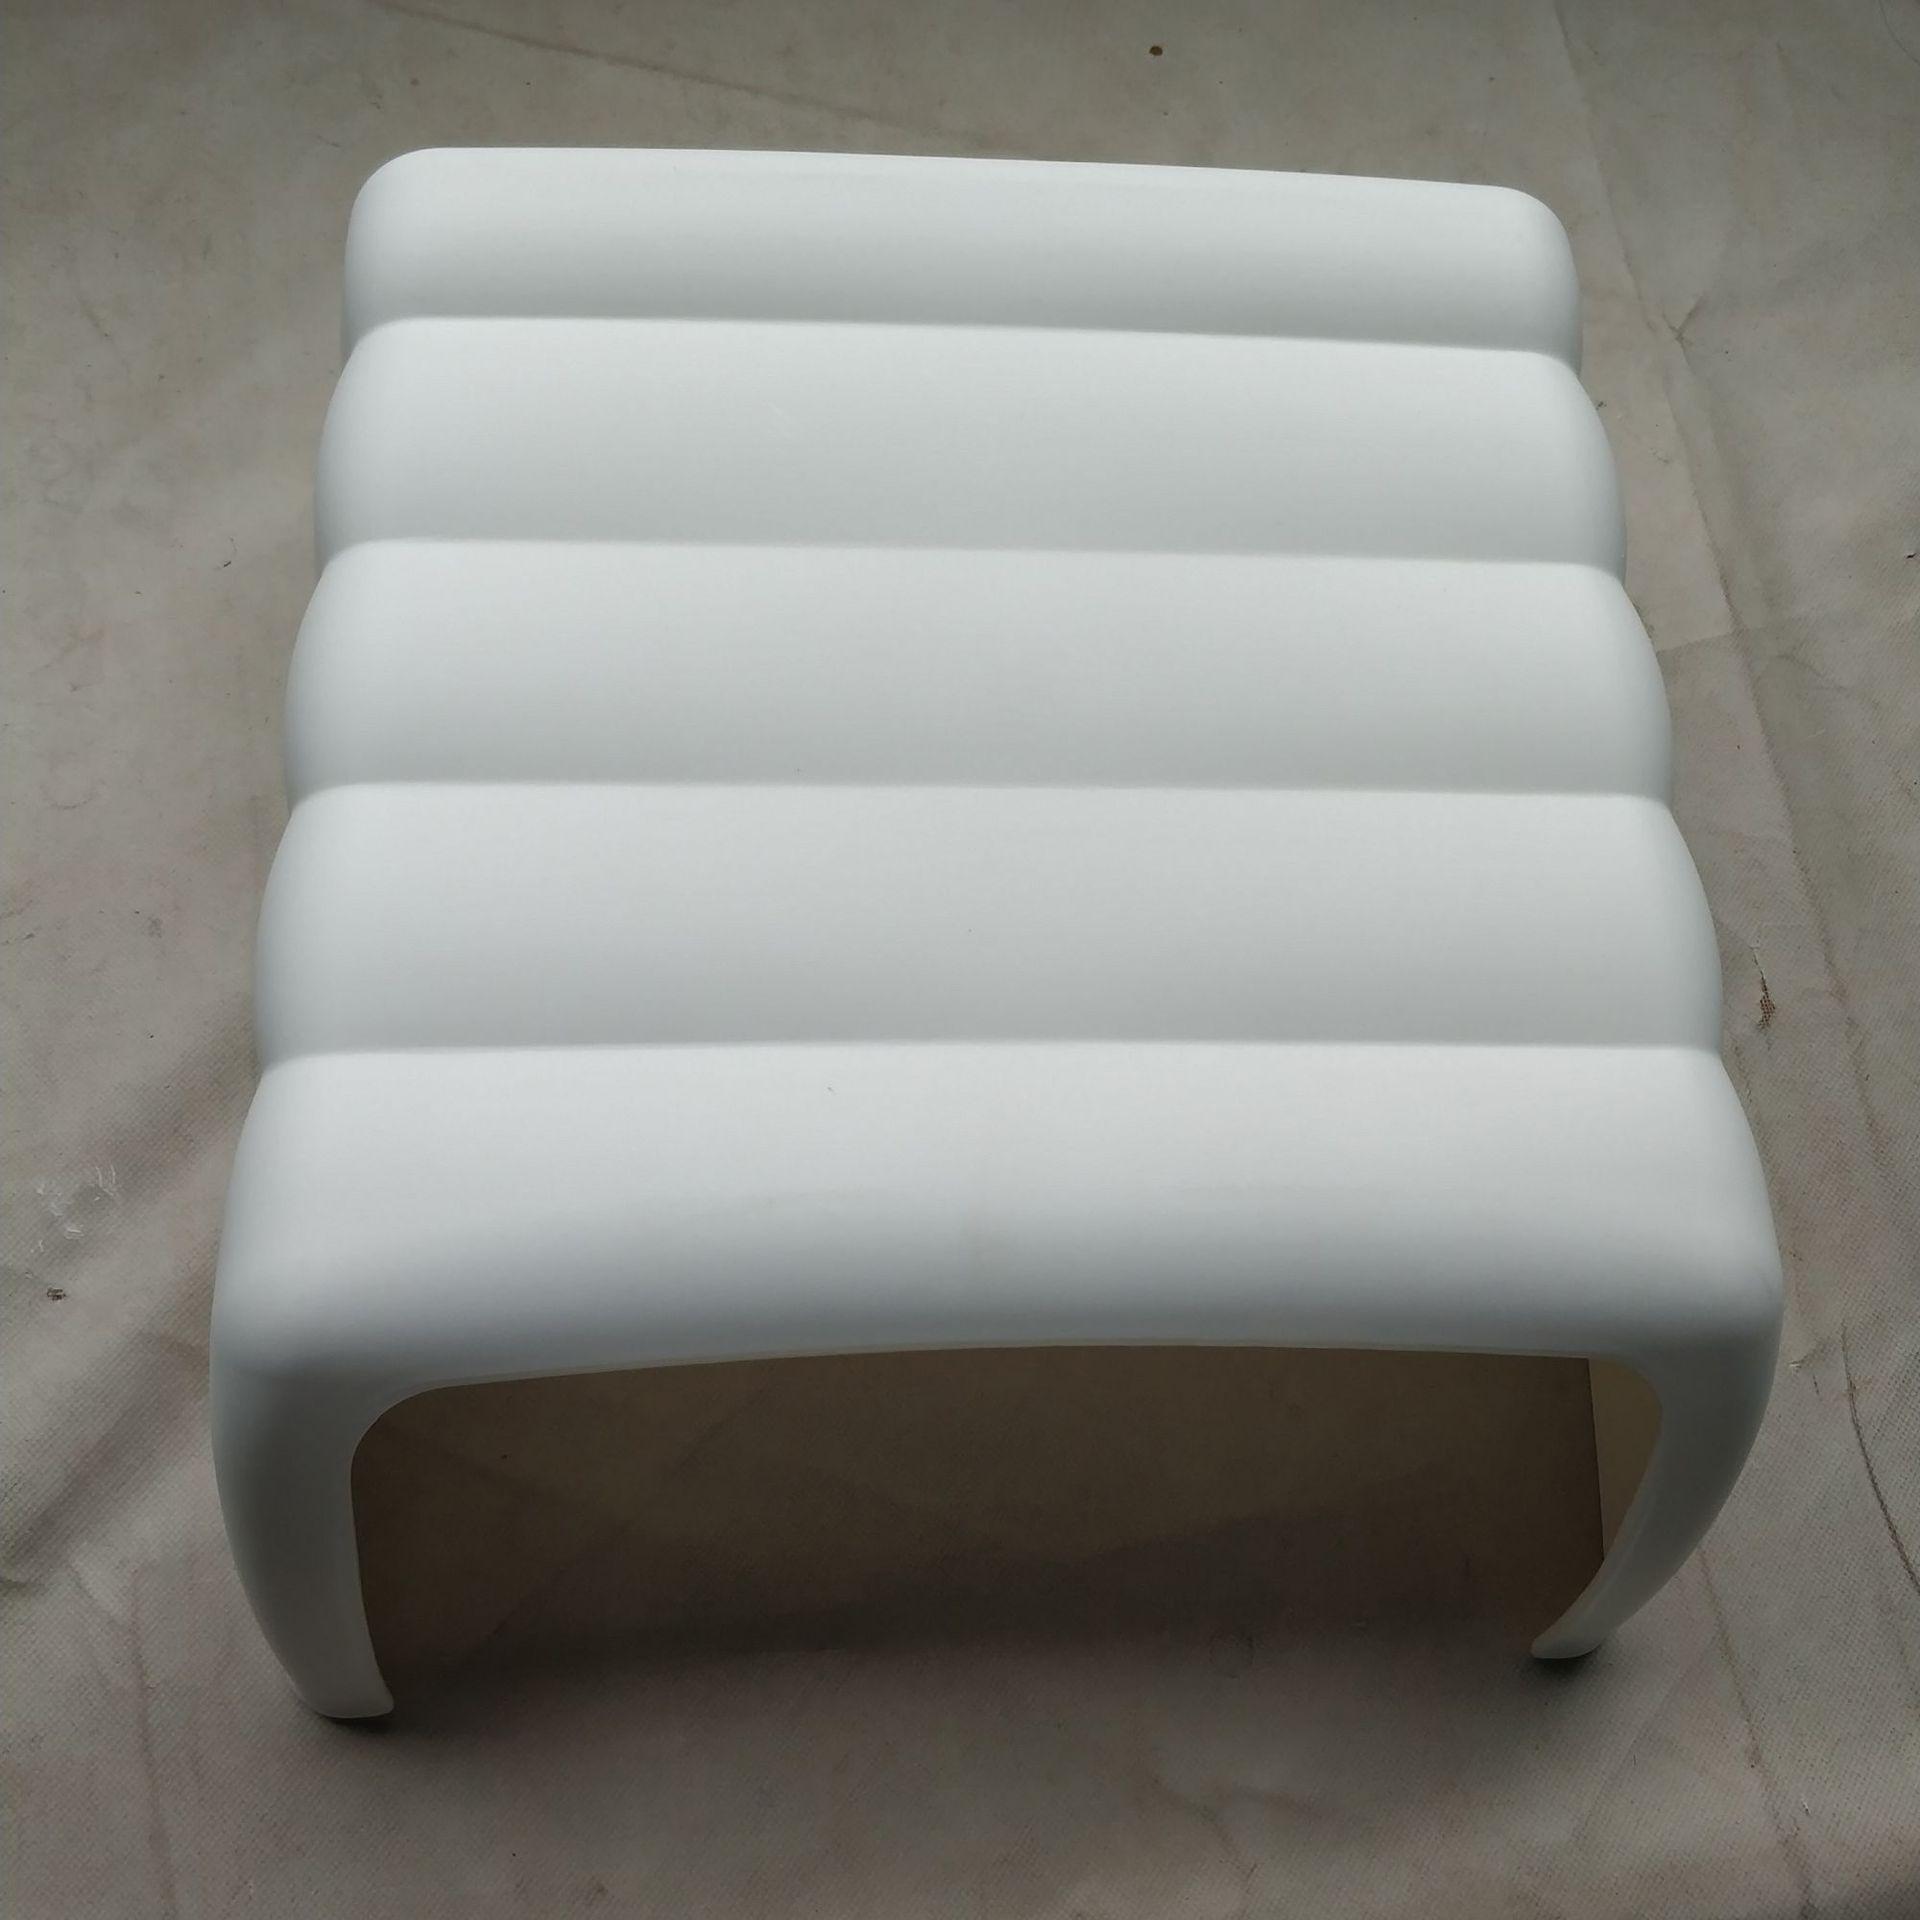 Portable Diaper Bag Plastic Stool Diaper Bag Stool